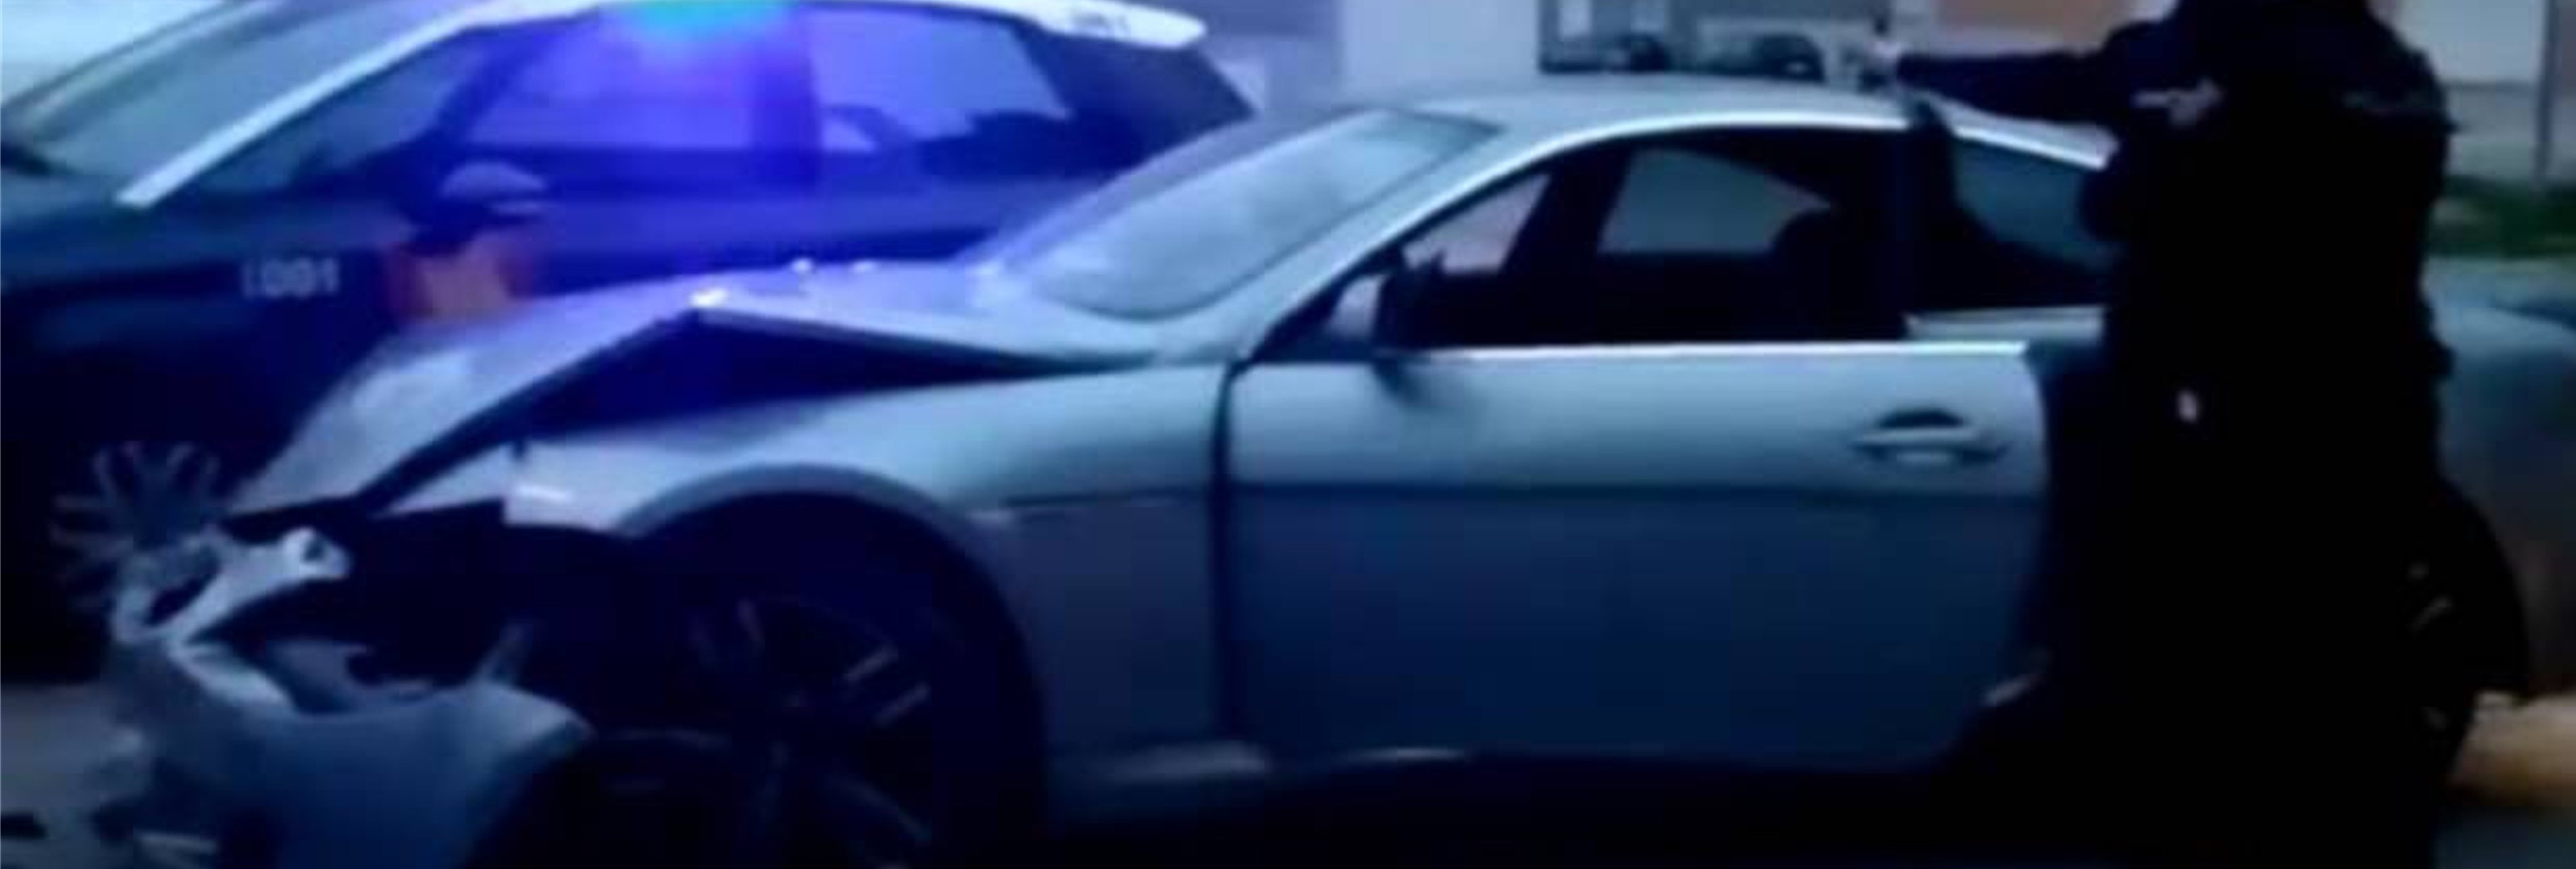 Abandona a su hija y su mujer tras empotrar drogado su BMW contra otro coche en Vallecas